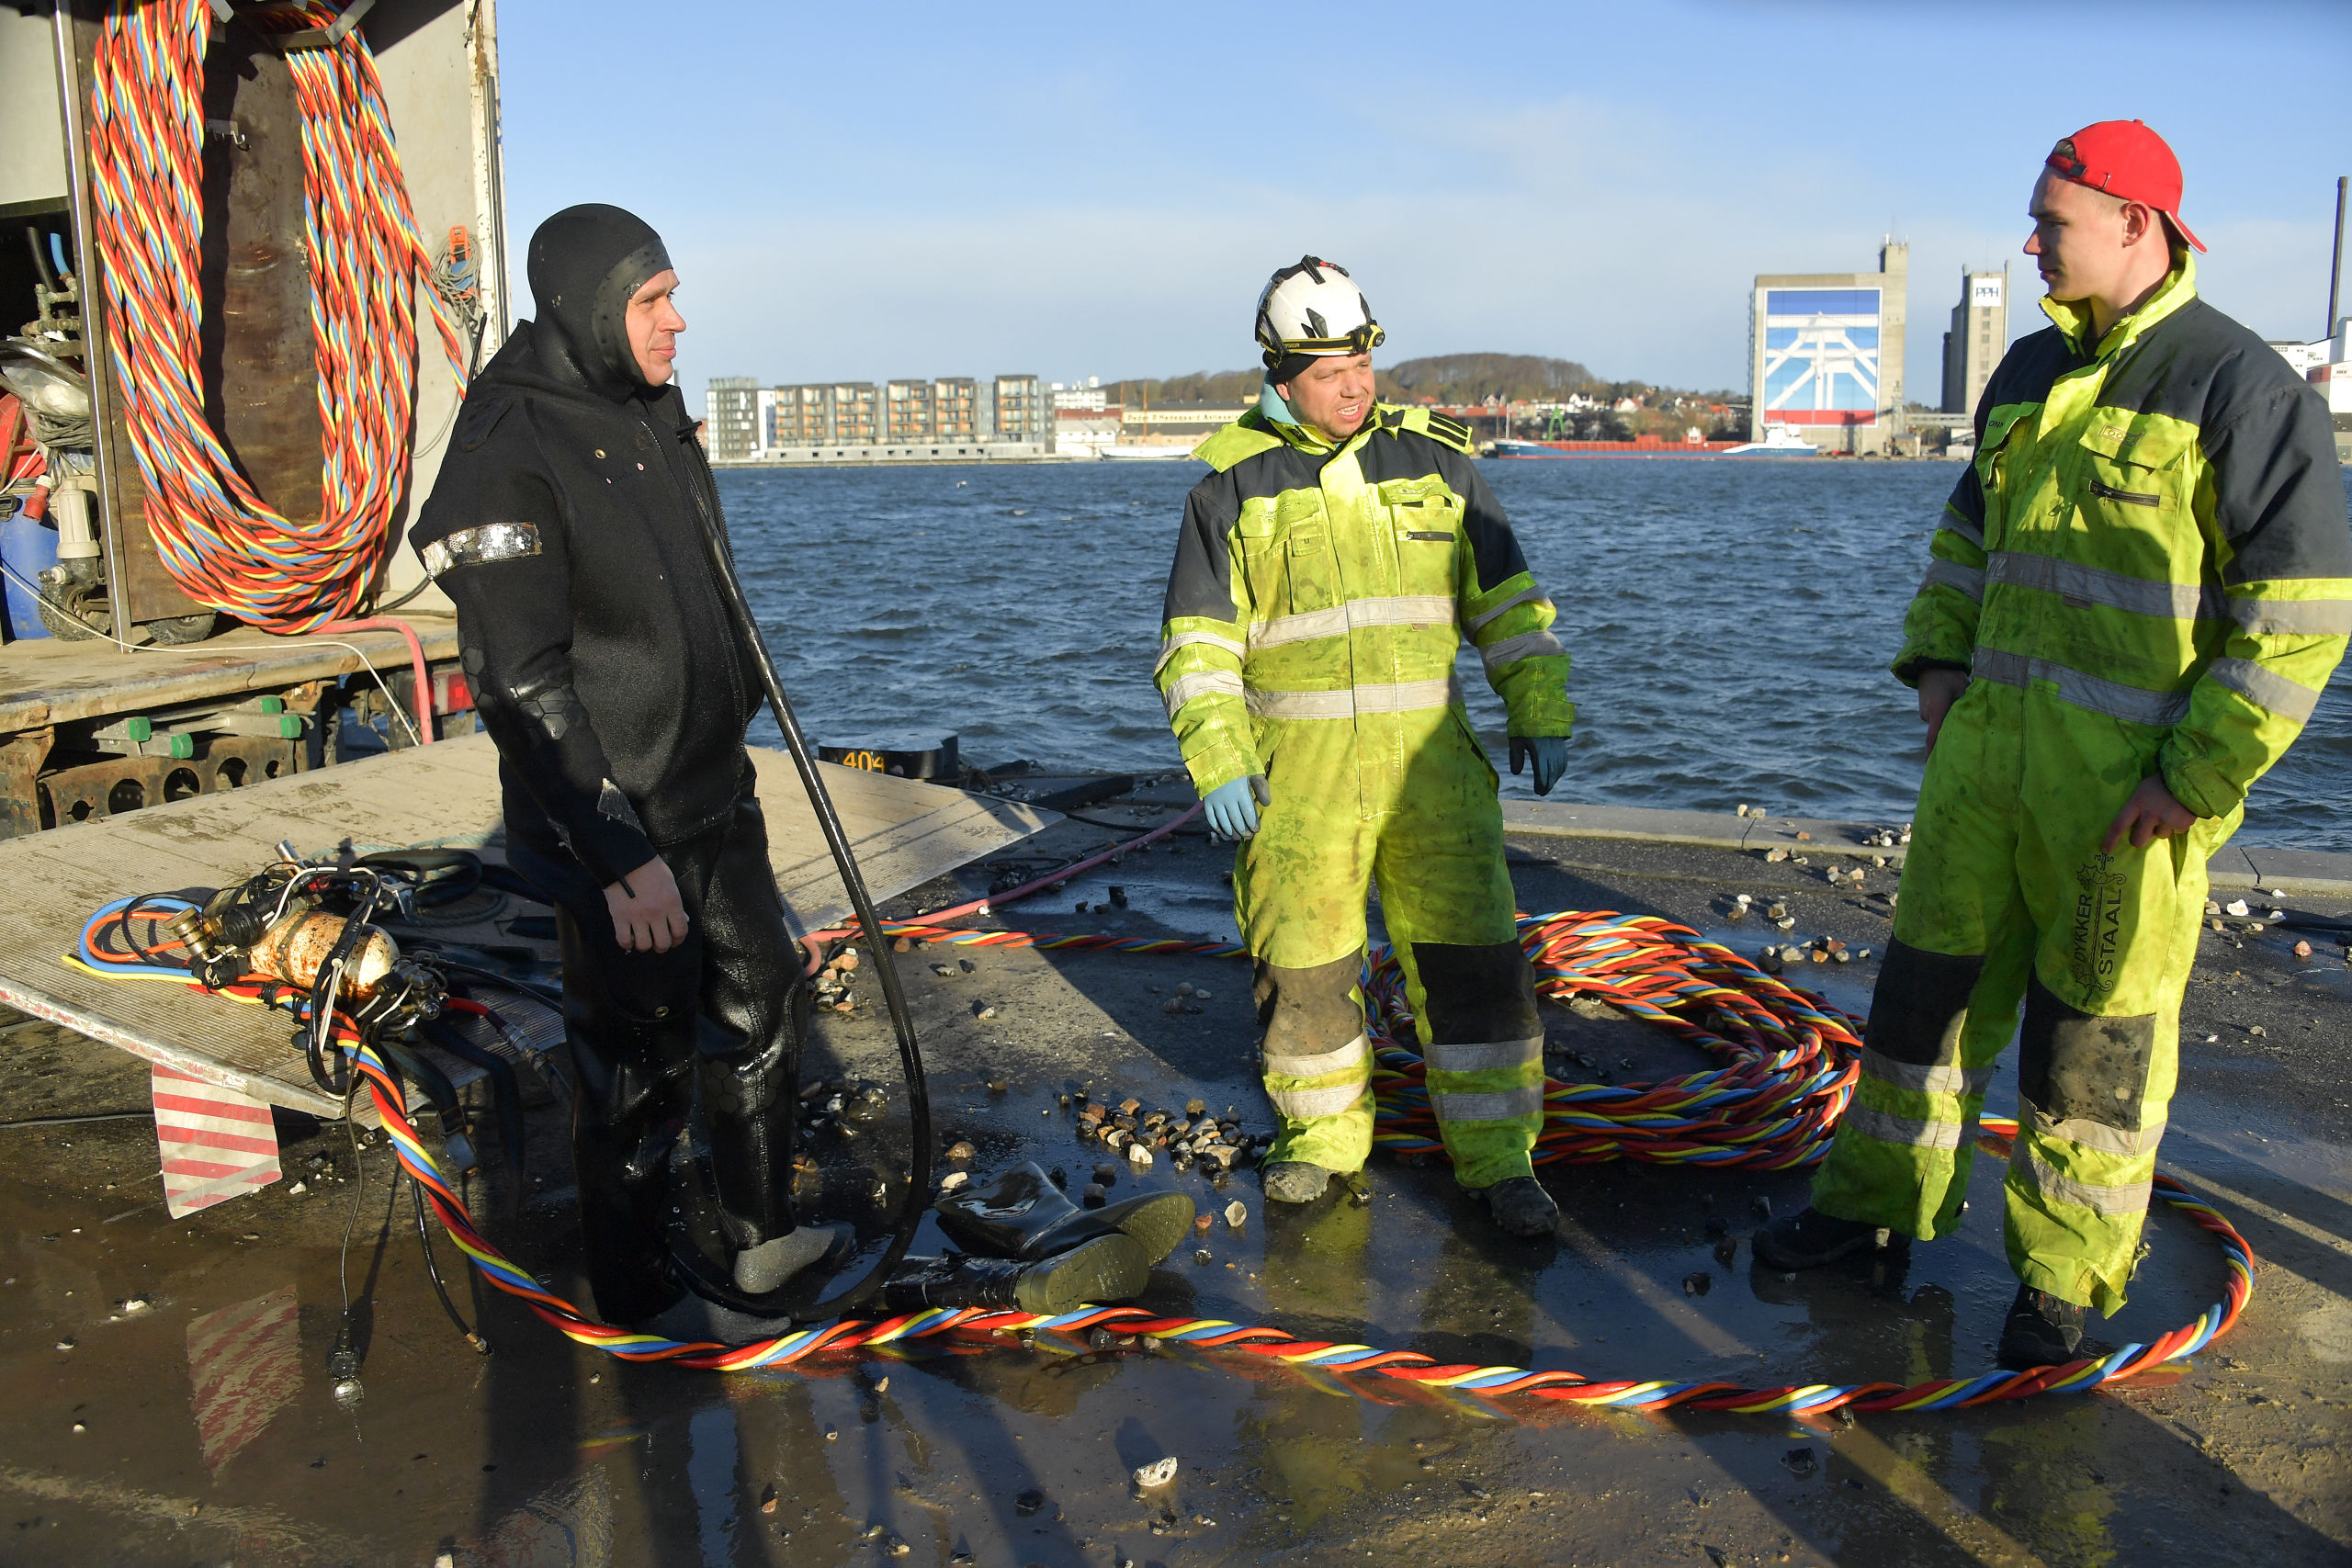 Der er briefing på kajkanten, og dykkerne Sonny Rasmussen (tv) og Michael Nielsen i midten lytter til meldingen fra lineholder Jon G. Andersen. Foto: Claus Søndberg